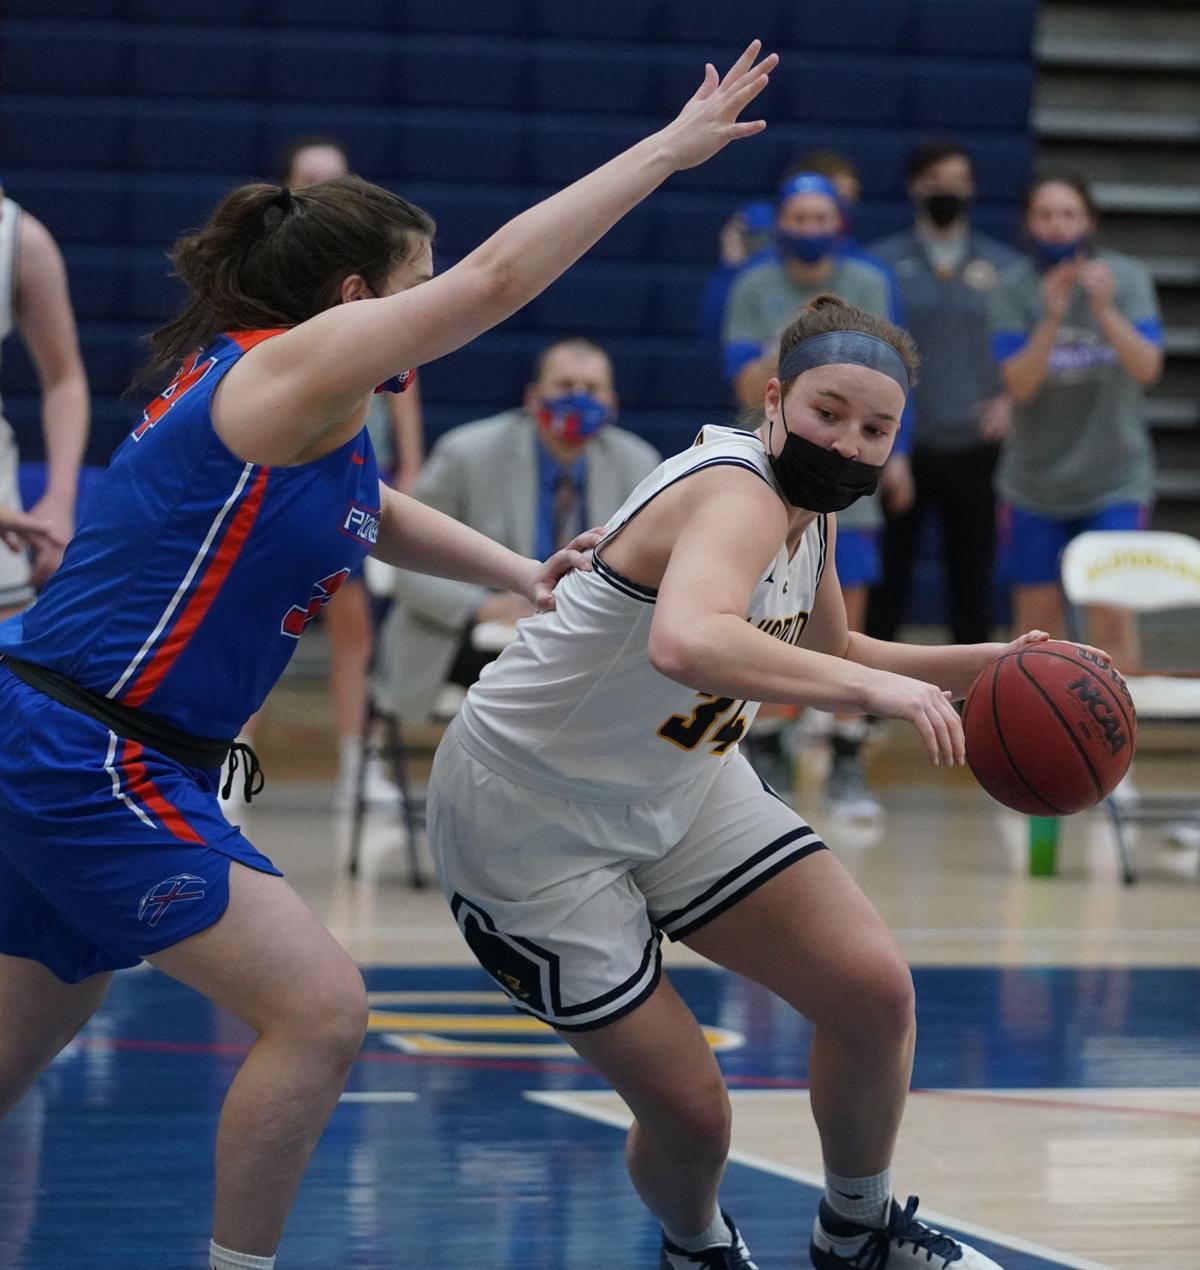 UW-Platteville at UW-Eau Claire women's basketball